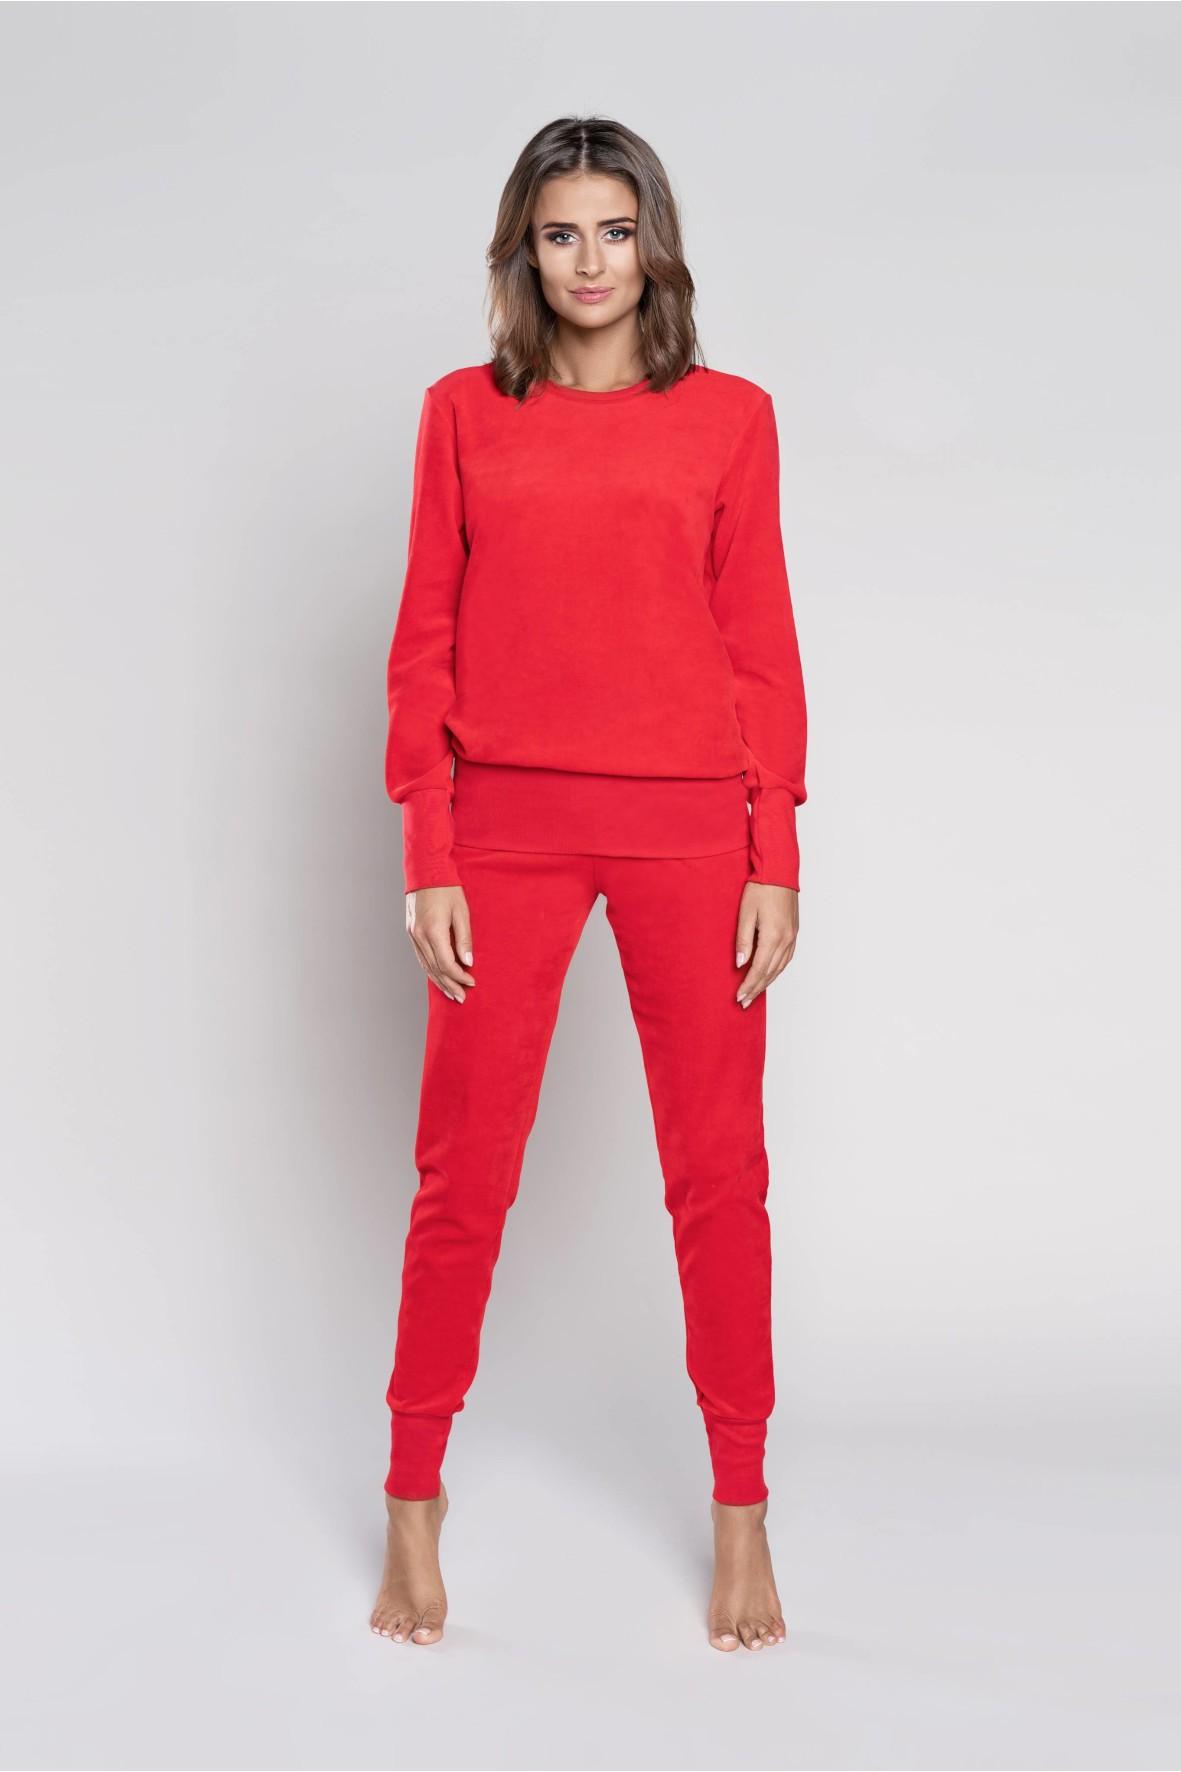 Komplet dresowy długi rękaw, długie spodnie - czerwony